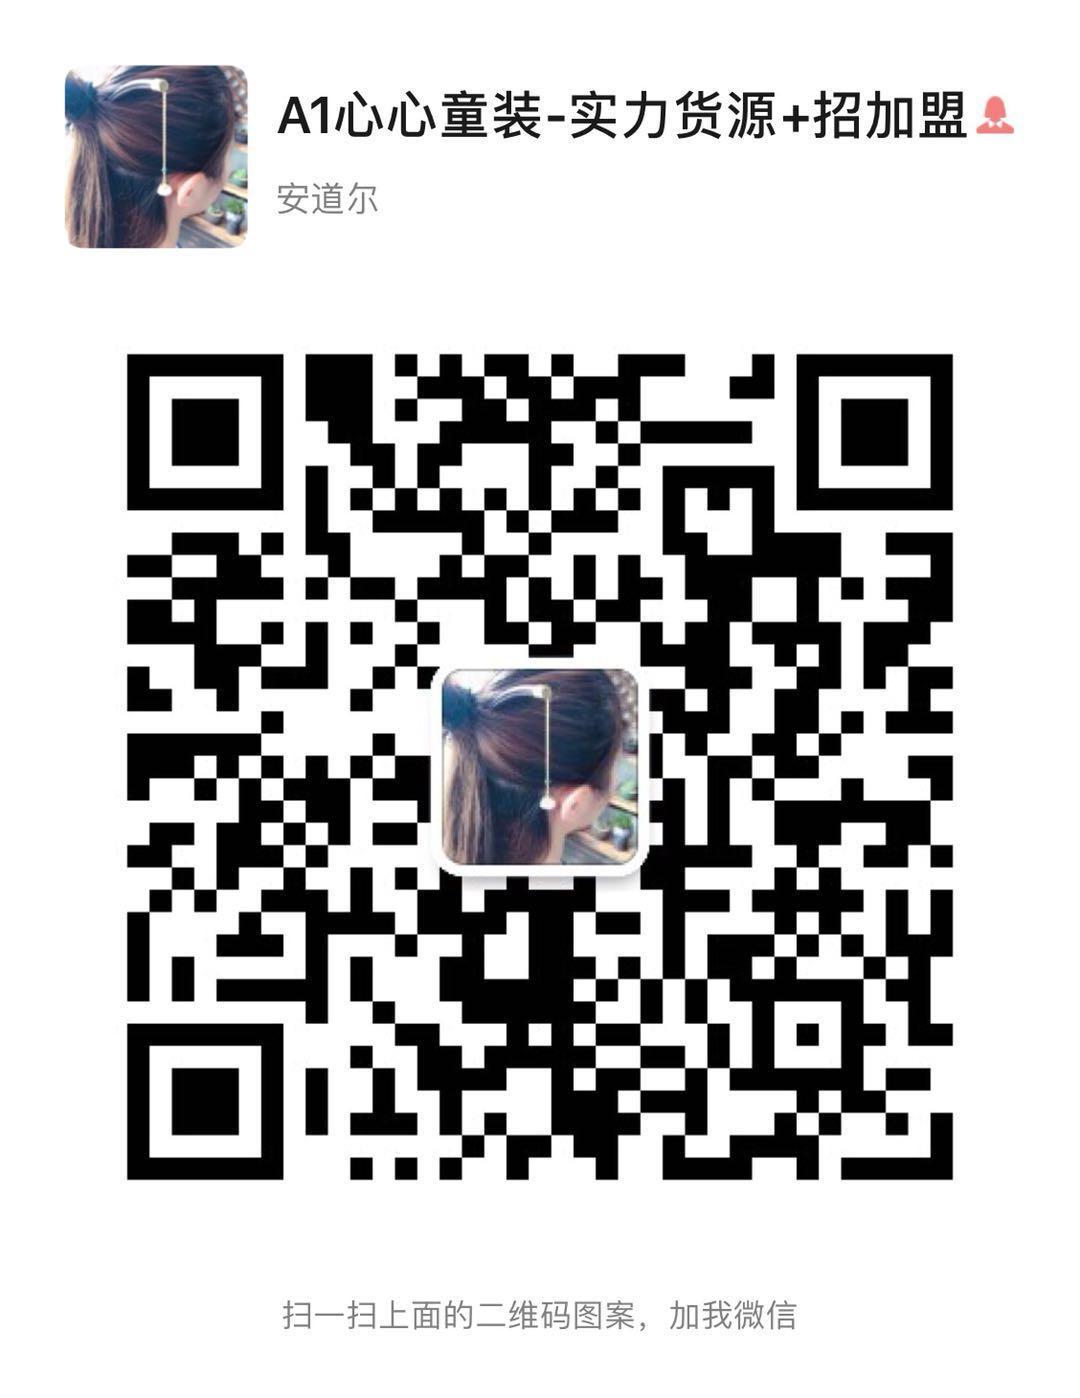 微信图片_20200406170542.jpg